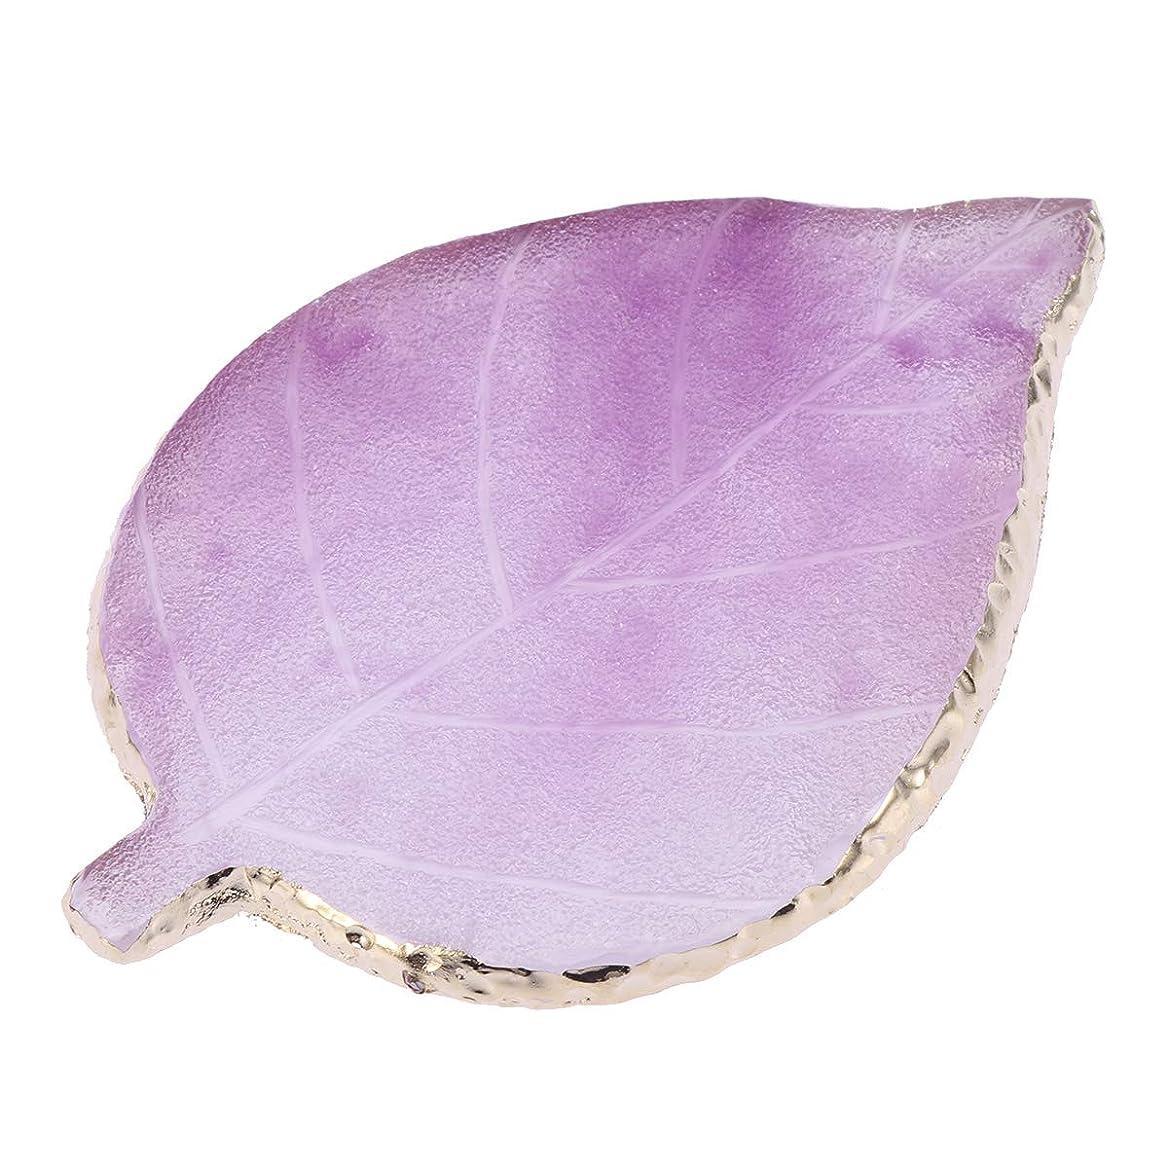 ペンダント石の提唱するLurrose 1ピースリーフネイルカラーパレット樹脂ネイルミキシングパレットネイルアートディスプレイボード(バイオレット)